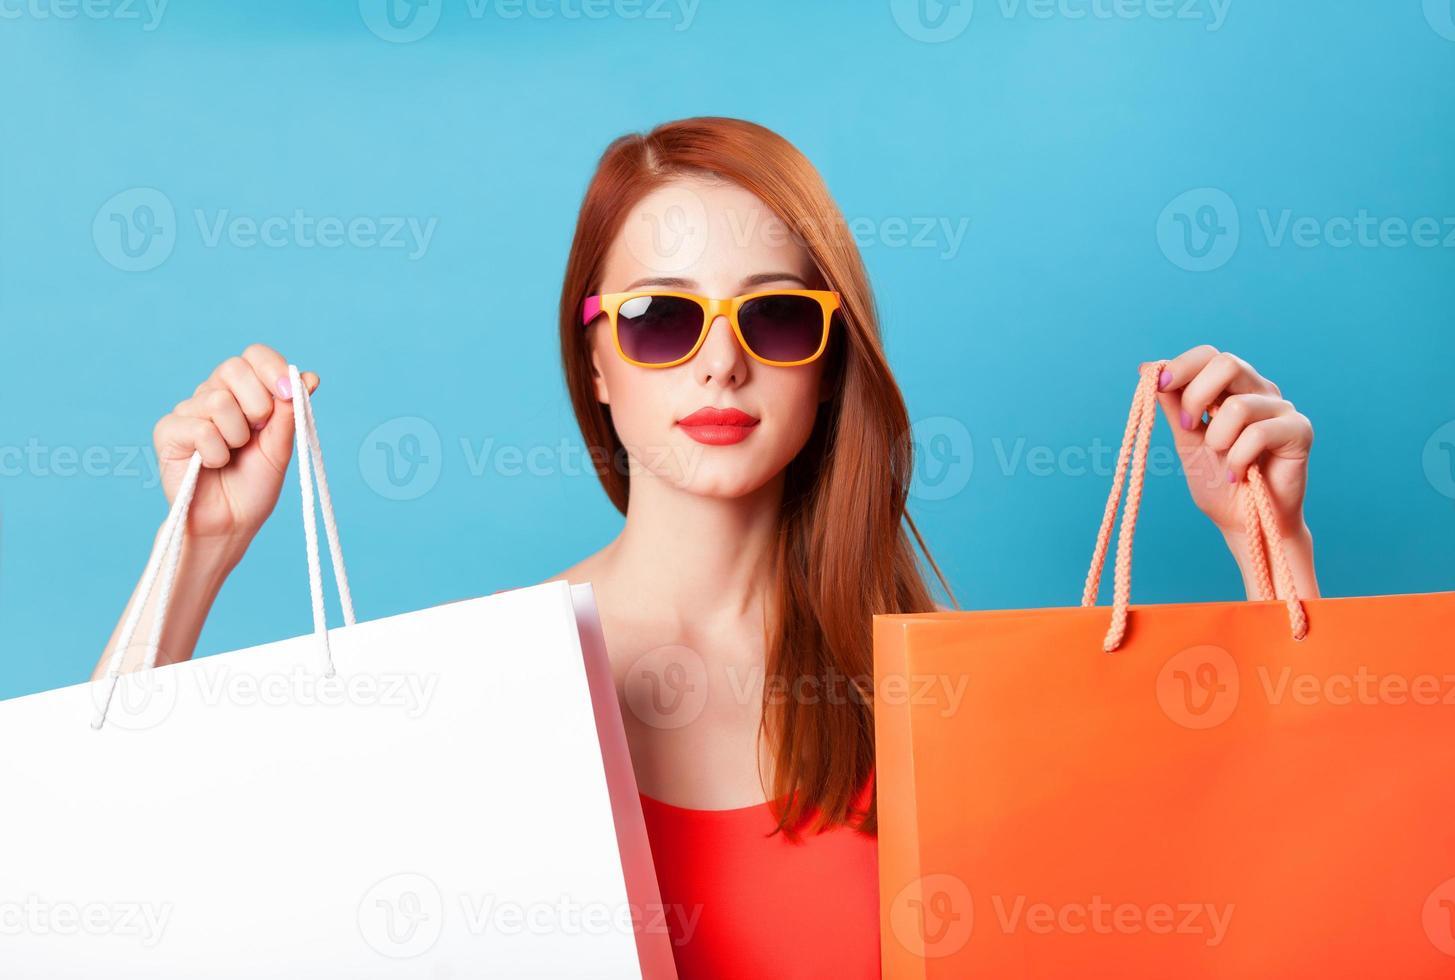 Stil rothaarige Frauen, die Einkaufstaschen auf blauem Hintergrund halten. foto